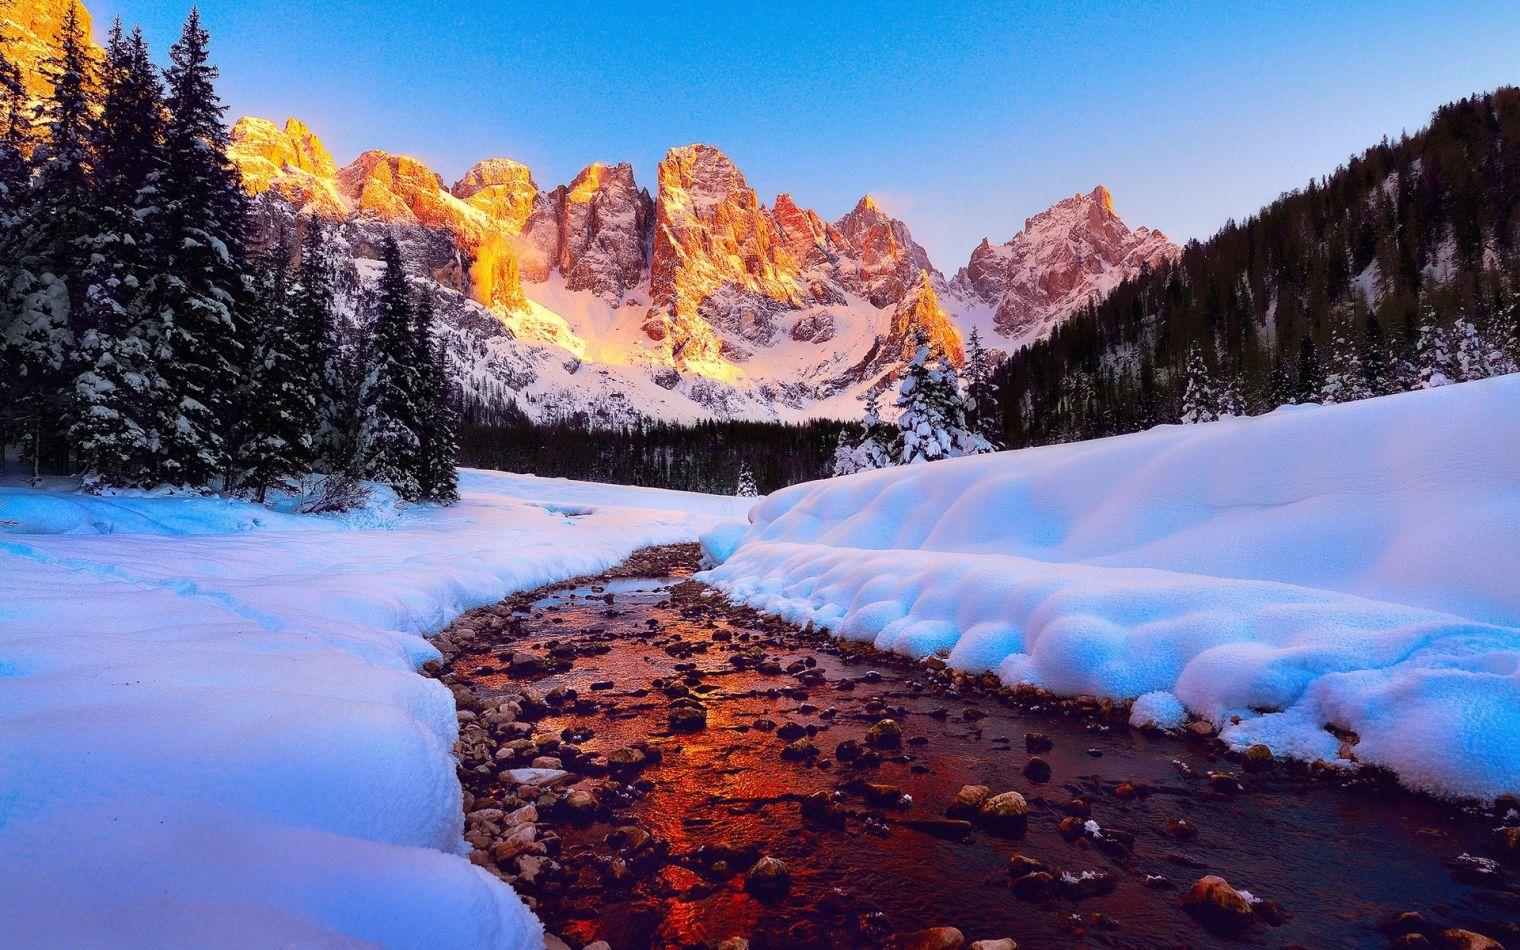 destinații pentru decembrie: Munții Dolomiți